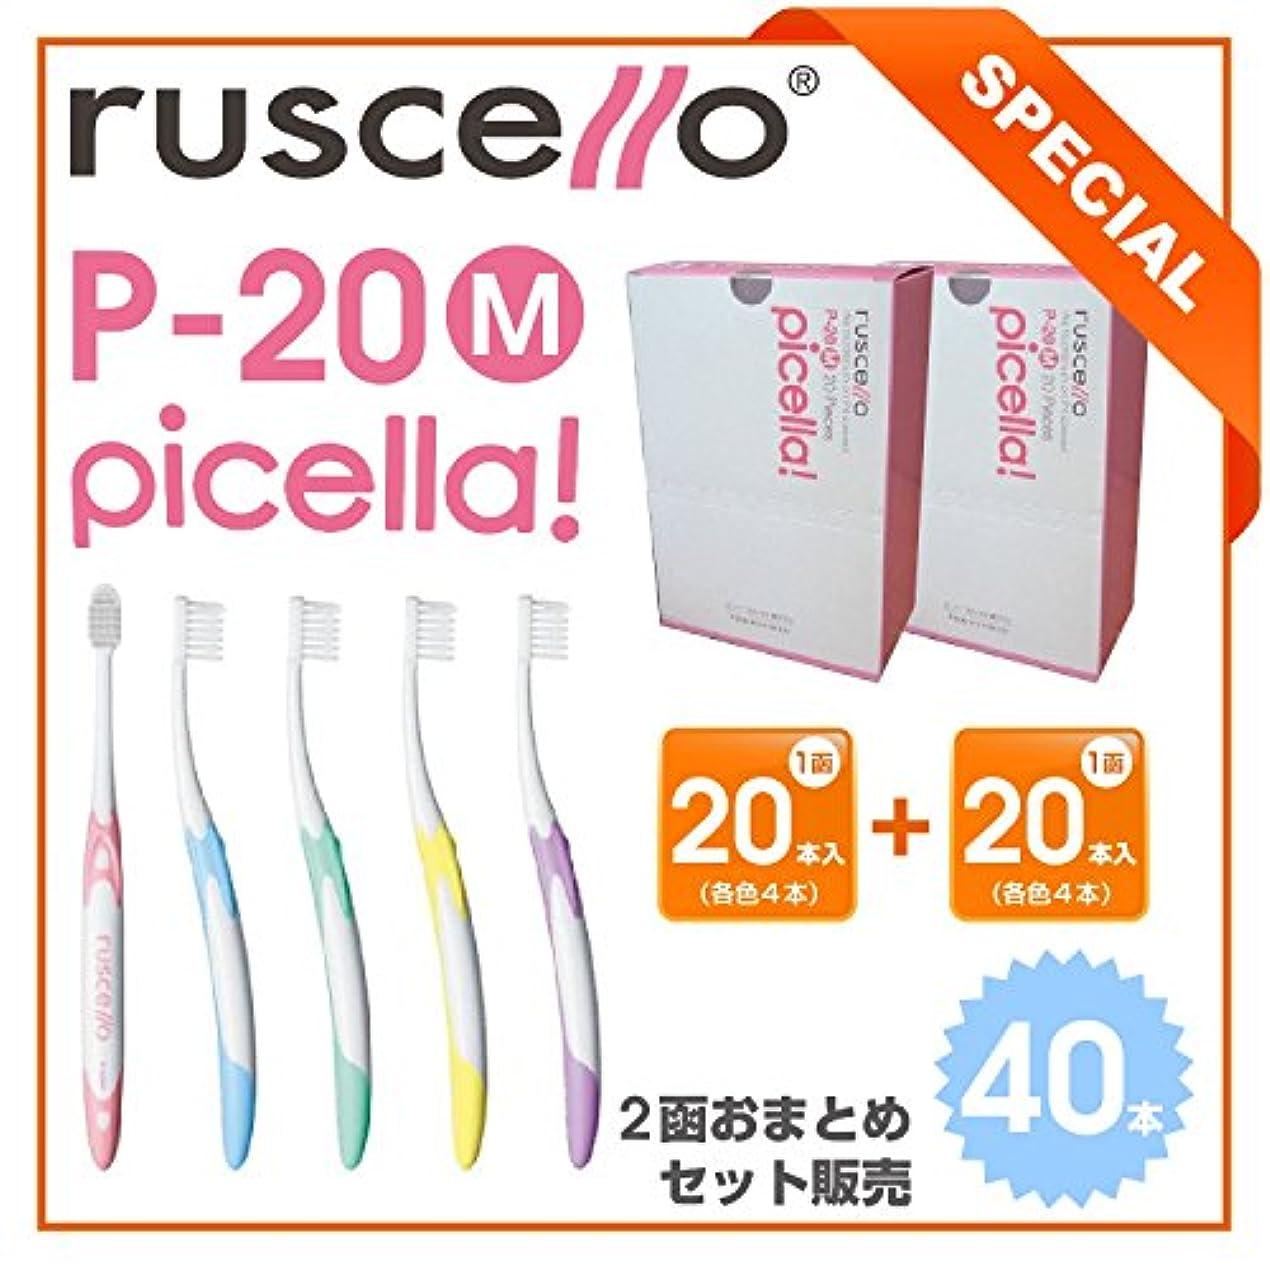 オフェンス吸収剤ロールGC ジーシー ルシェロ歯ブラシ<P-20>ピセラ M ふつう 1函20本入×2函セット